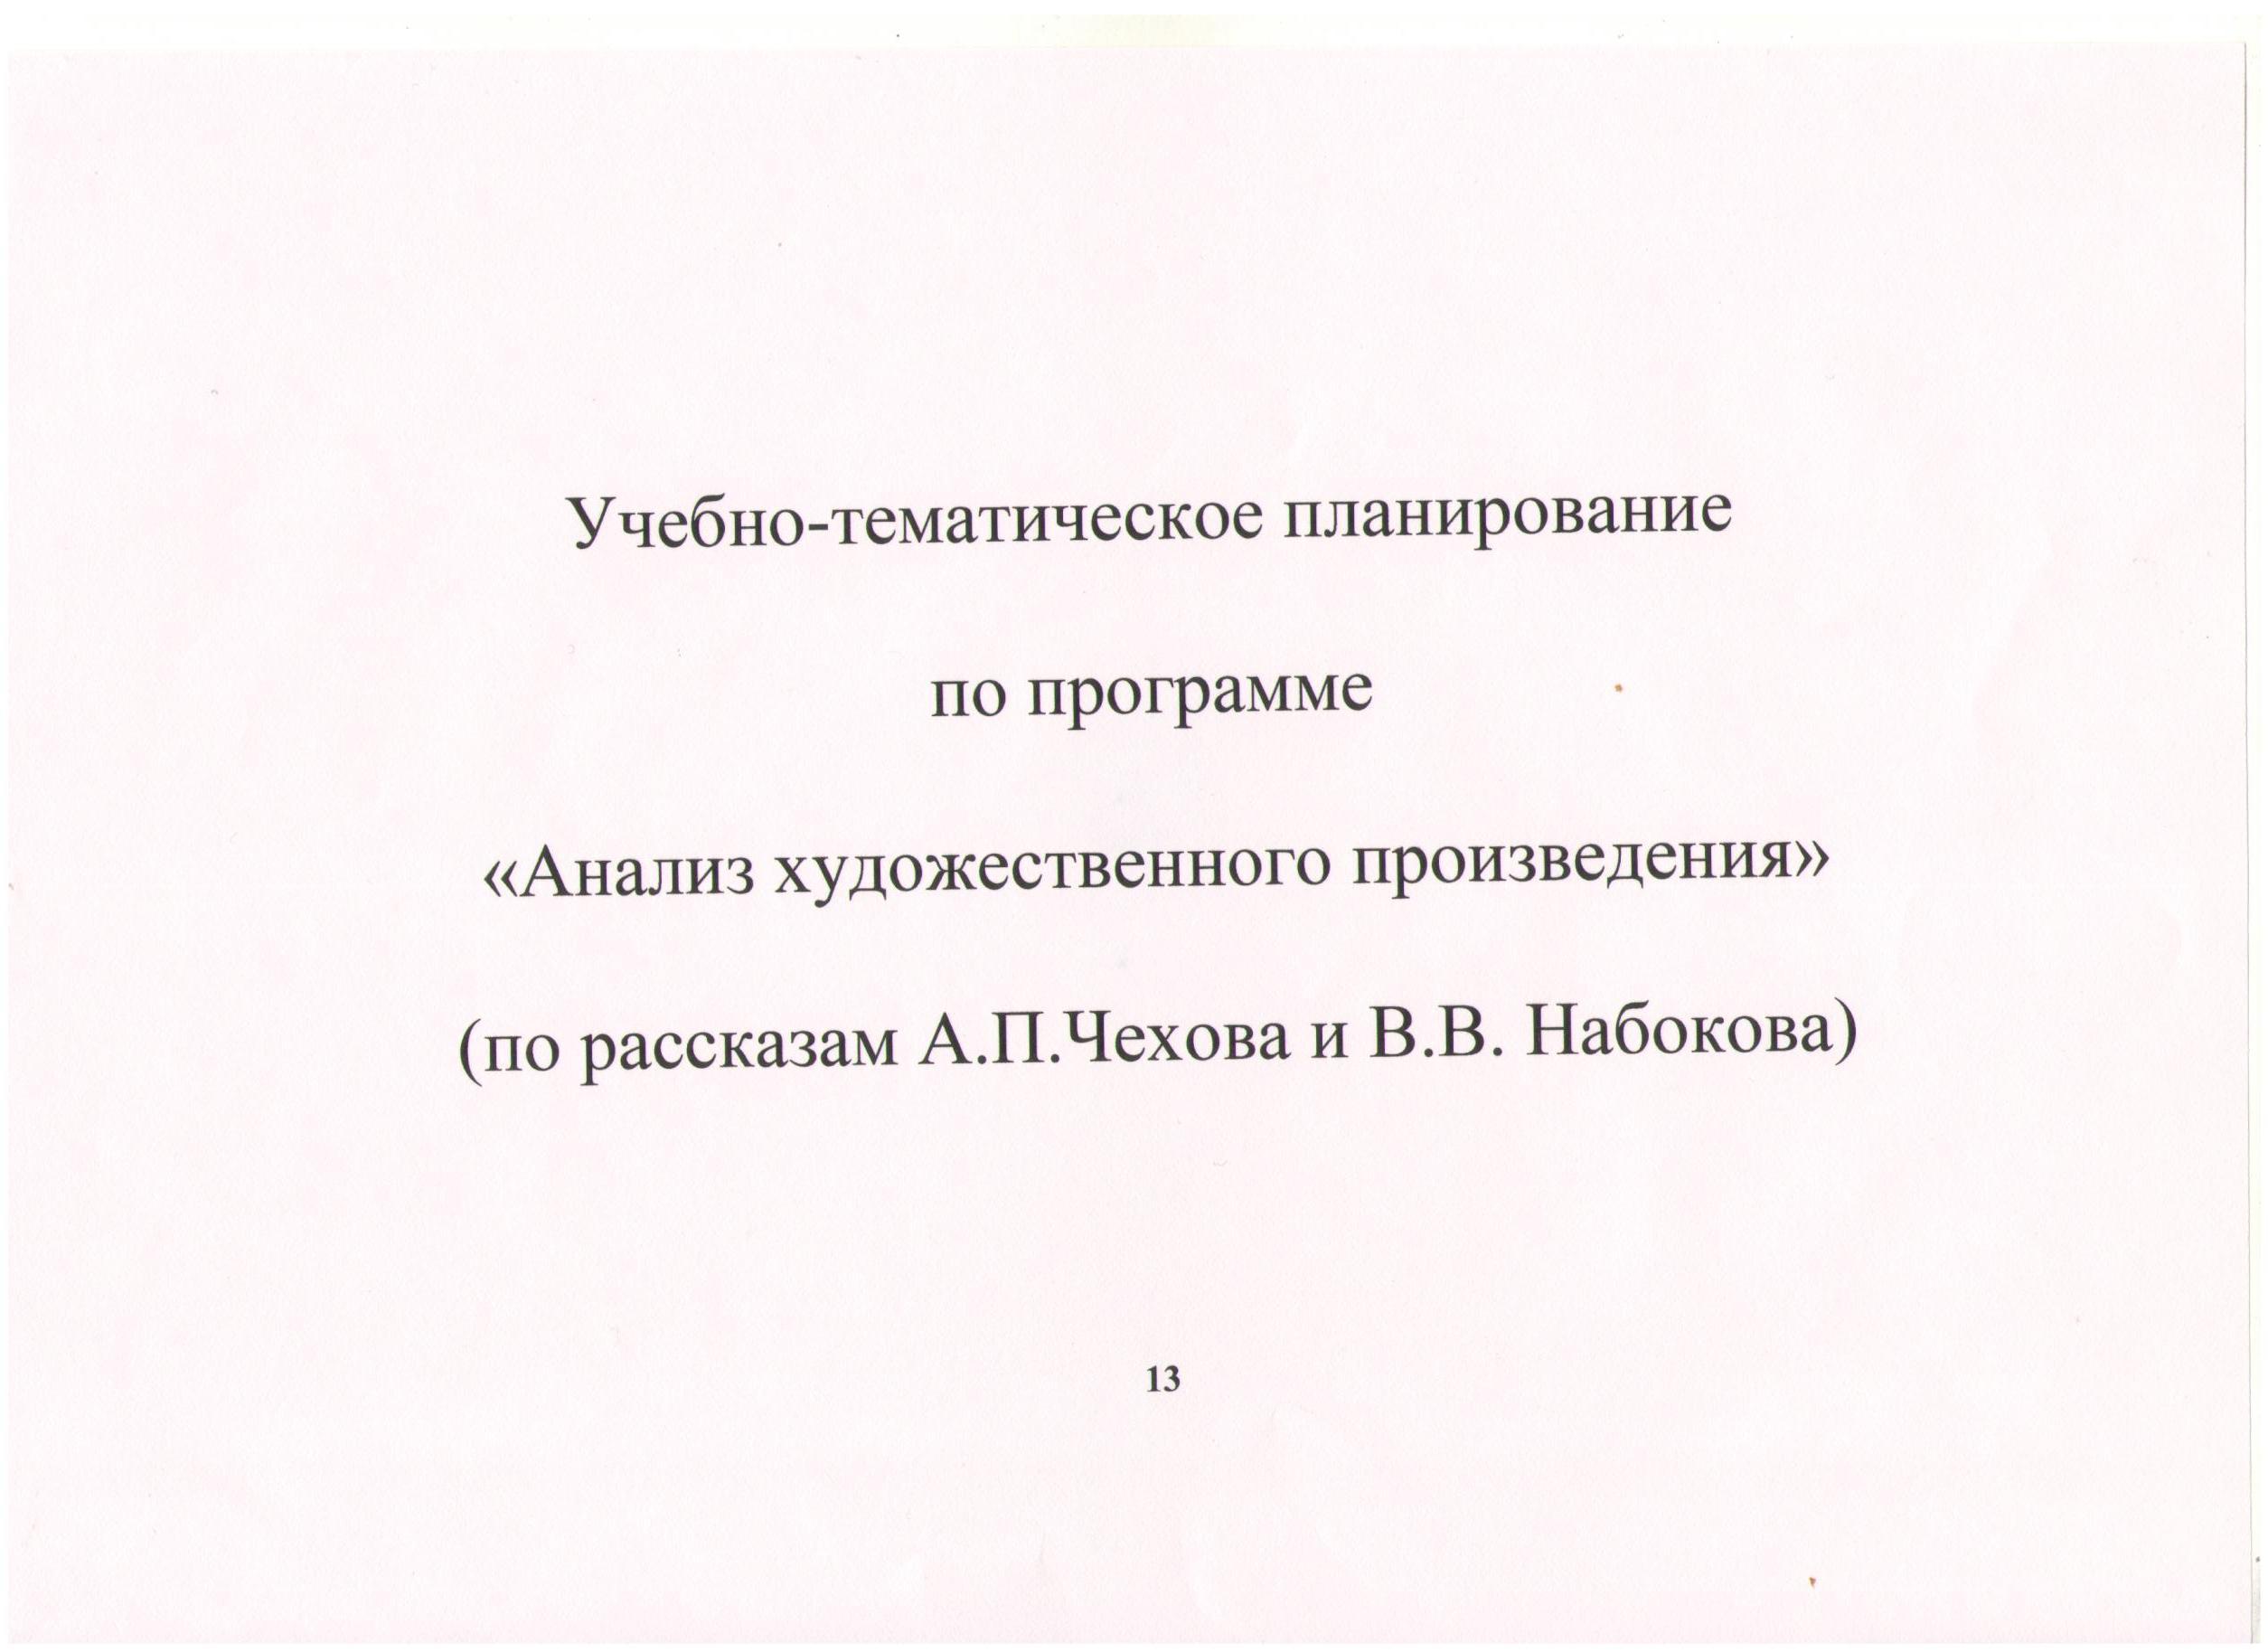 C:\Documents and Settings\Учитель\Рабочий стол\Новая папка\Работа Светы 8.jpg